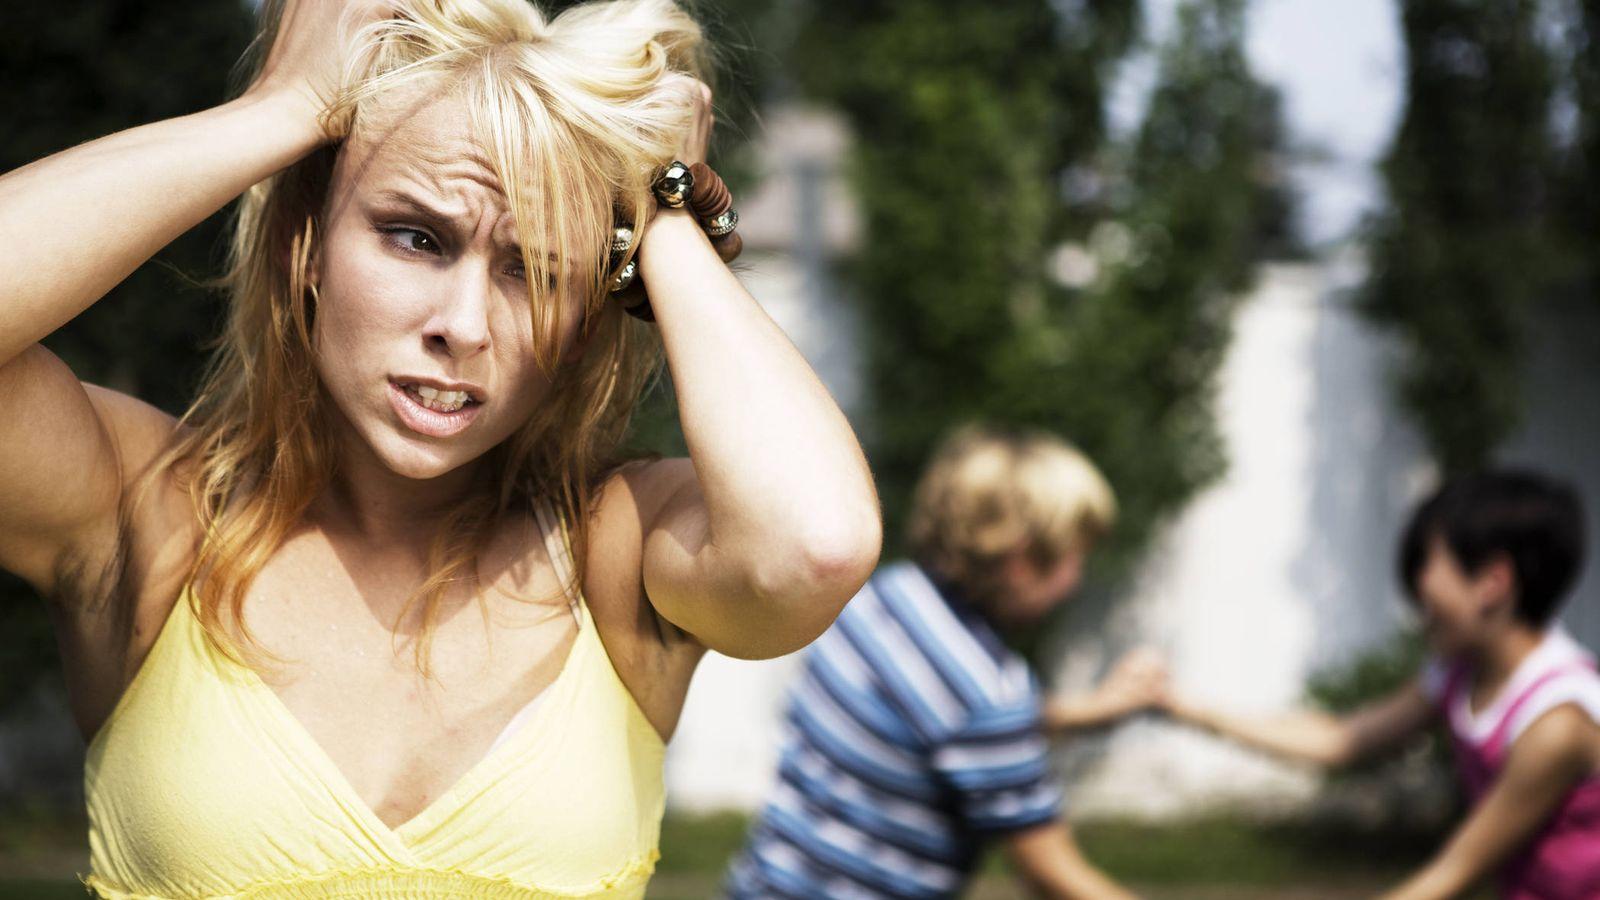 Foto: No está contenta. (iStock)